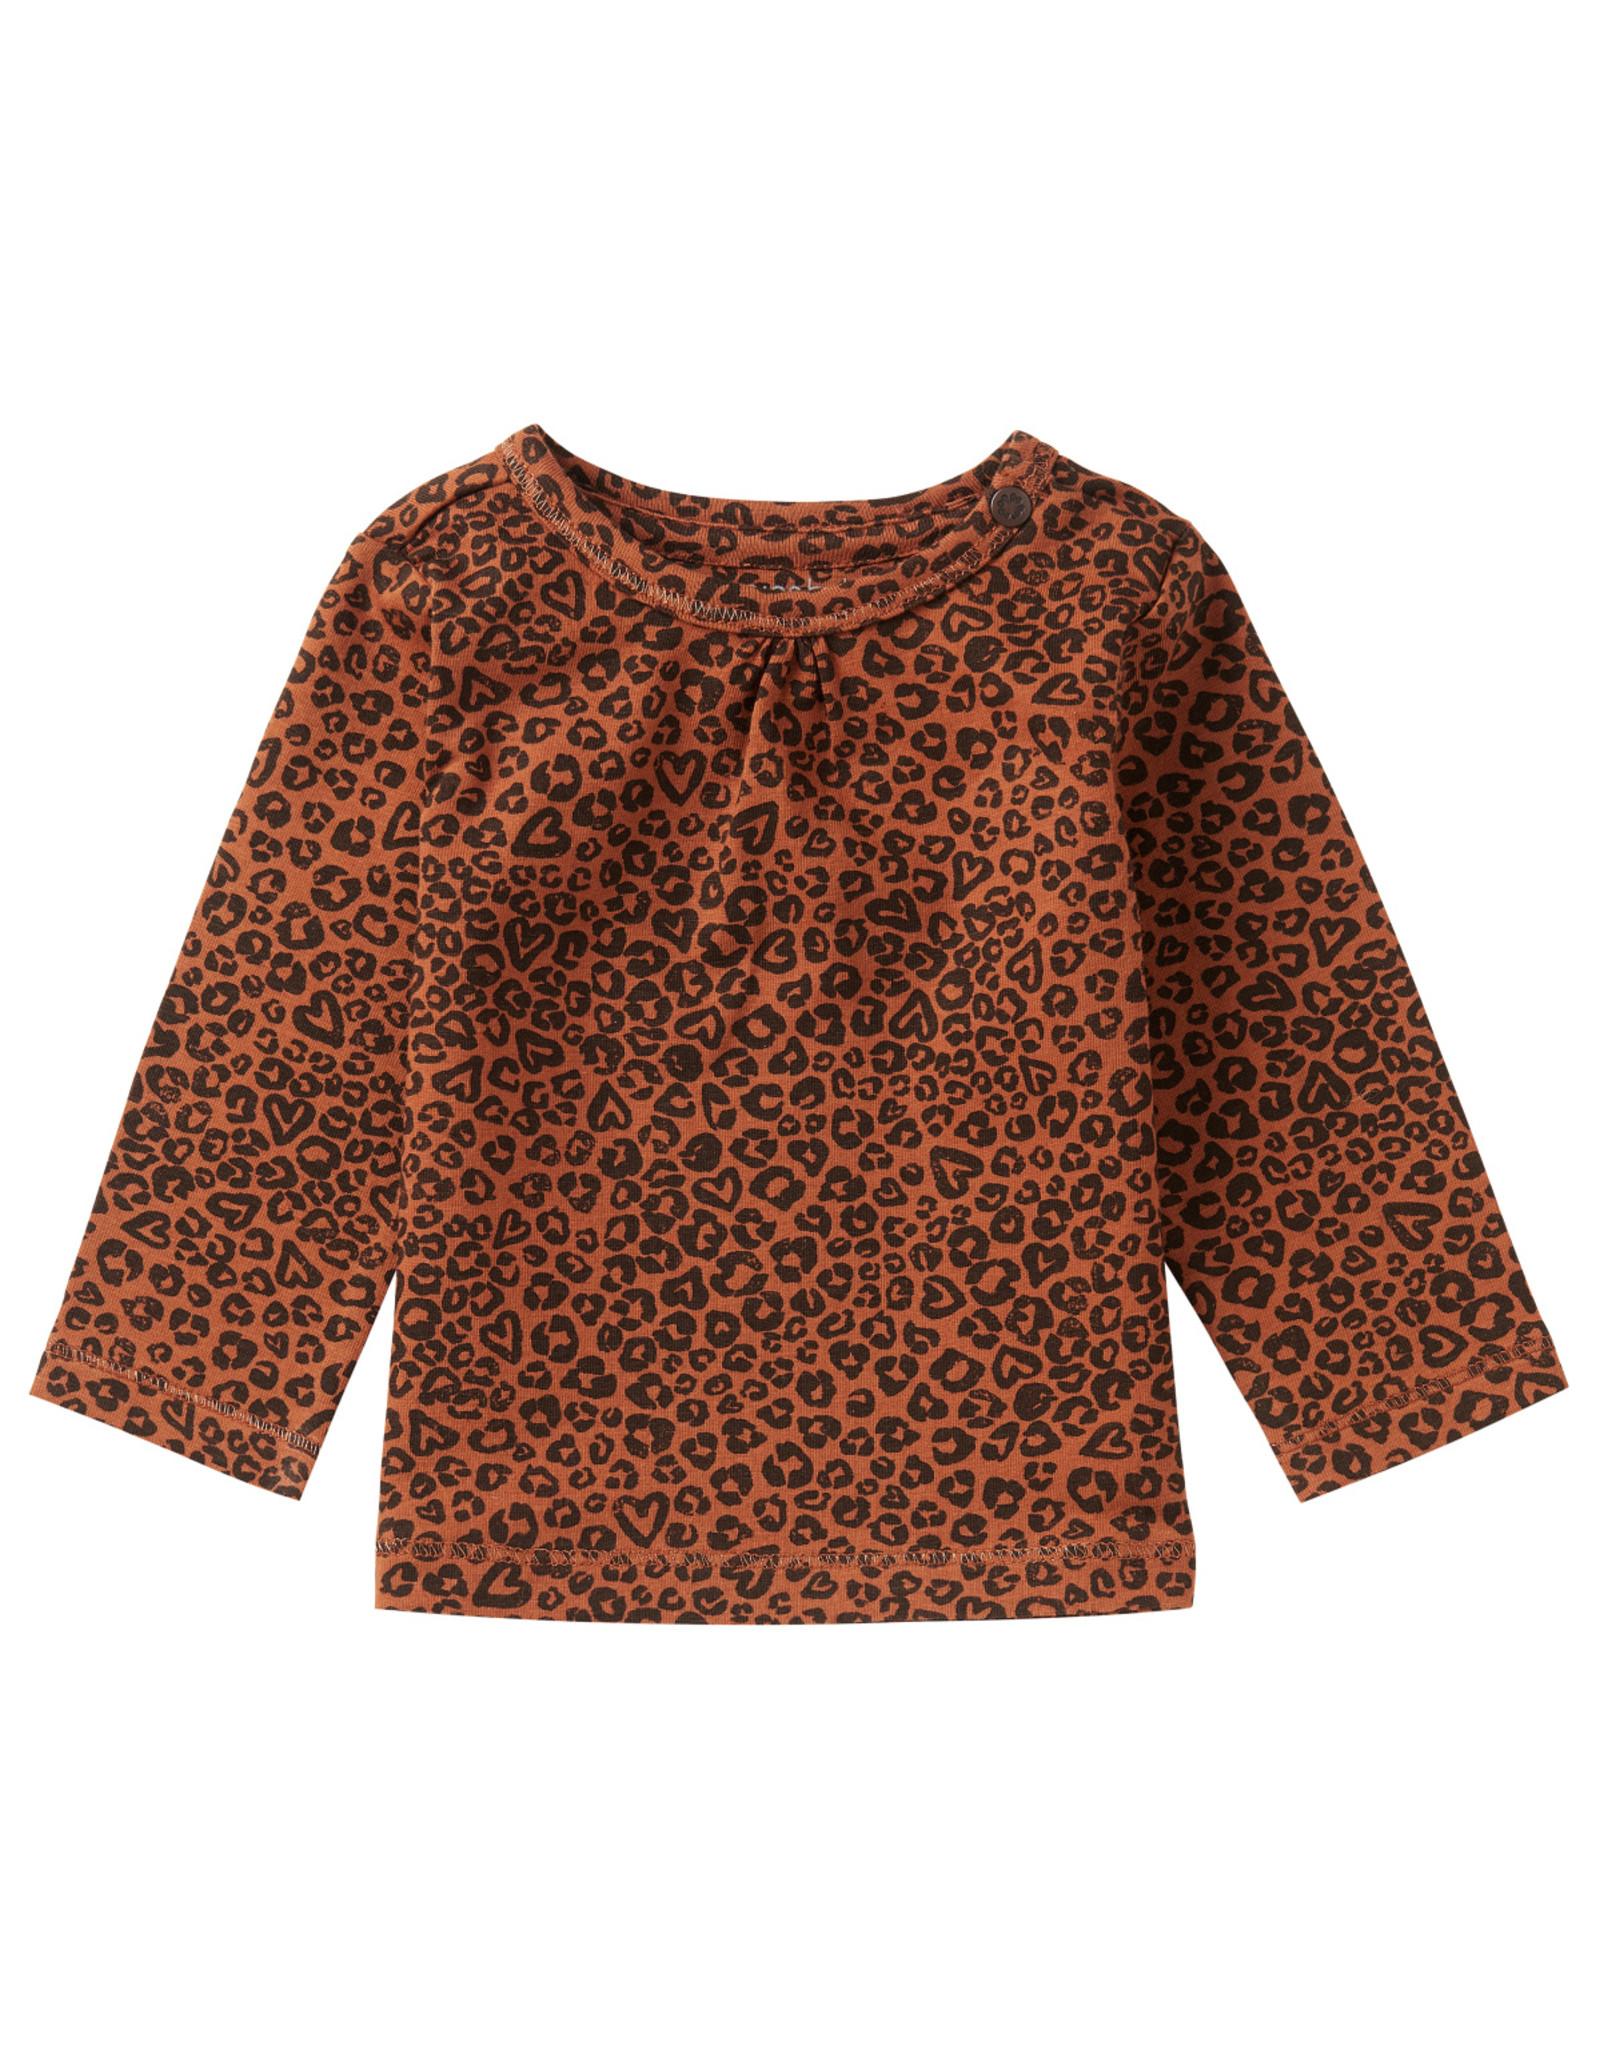 Noppies Noppies G Regular T-shirt LS Mkuze AOP Rust